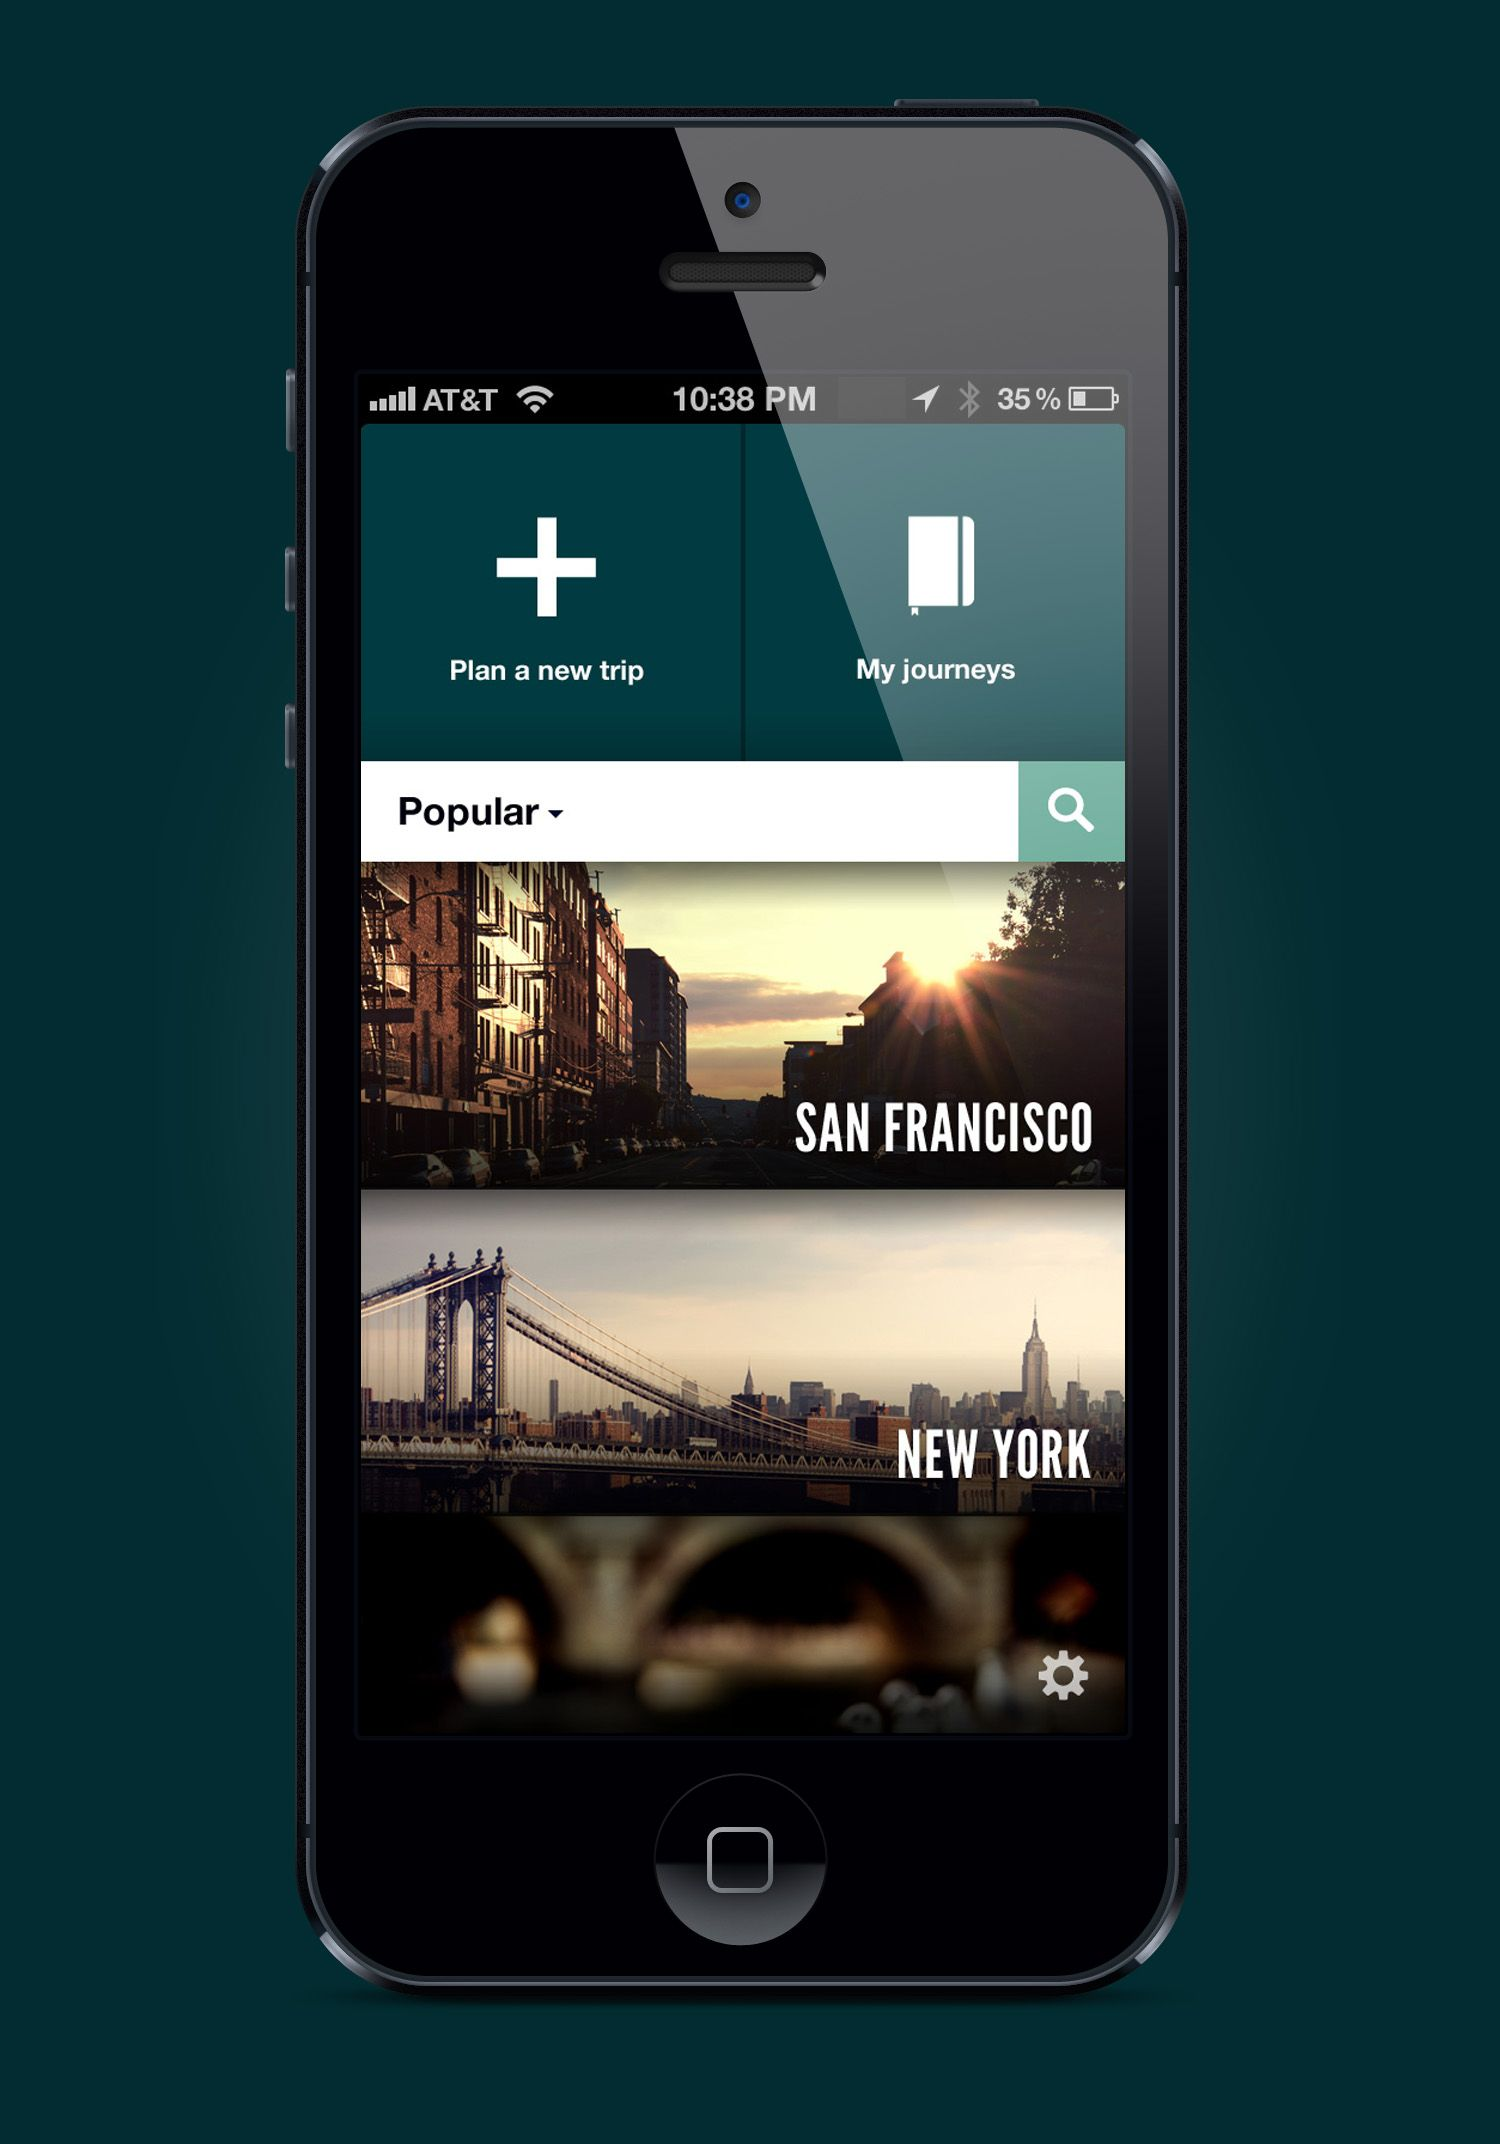 Ricerca Per Immagini Mobile per filtri! così non devi fare un altra tasto ordina e